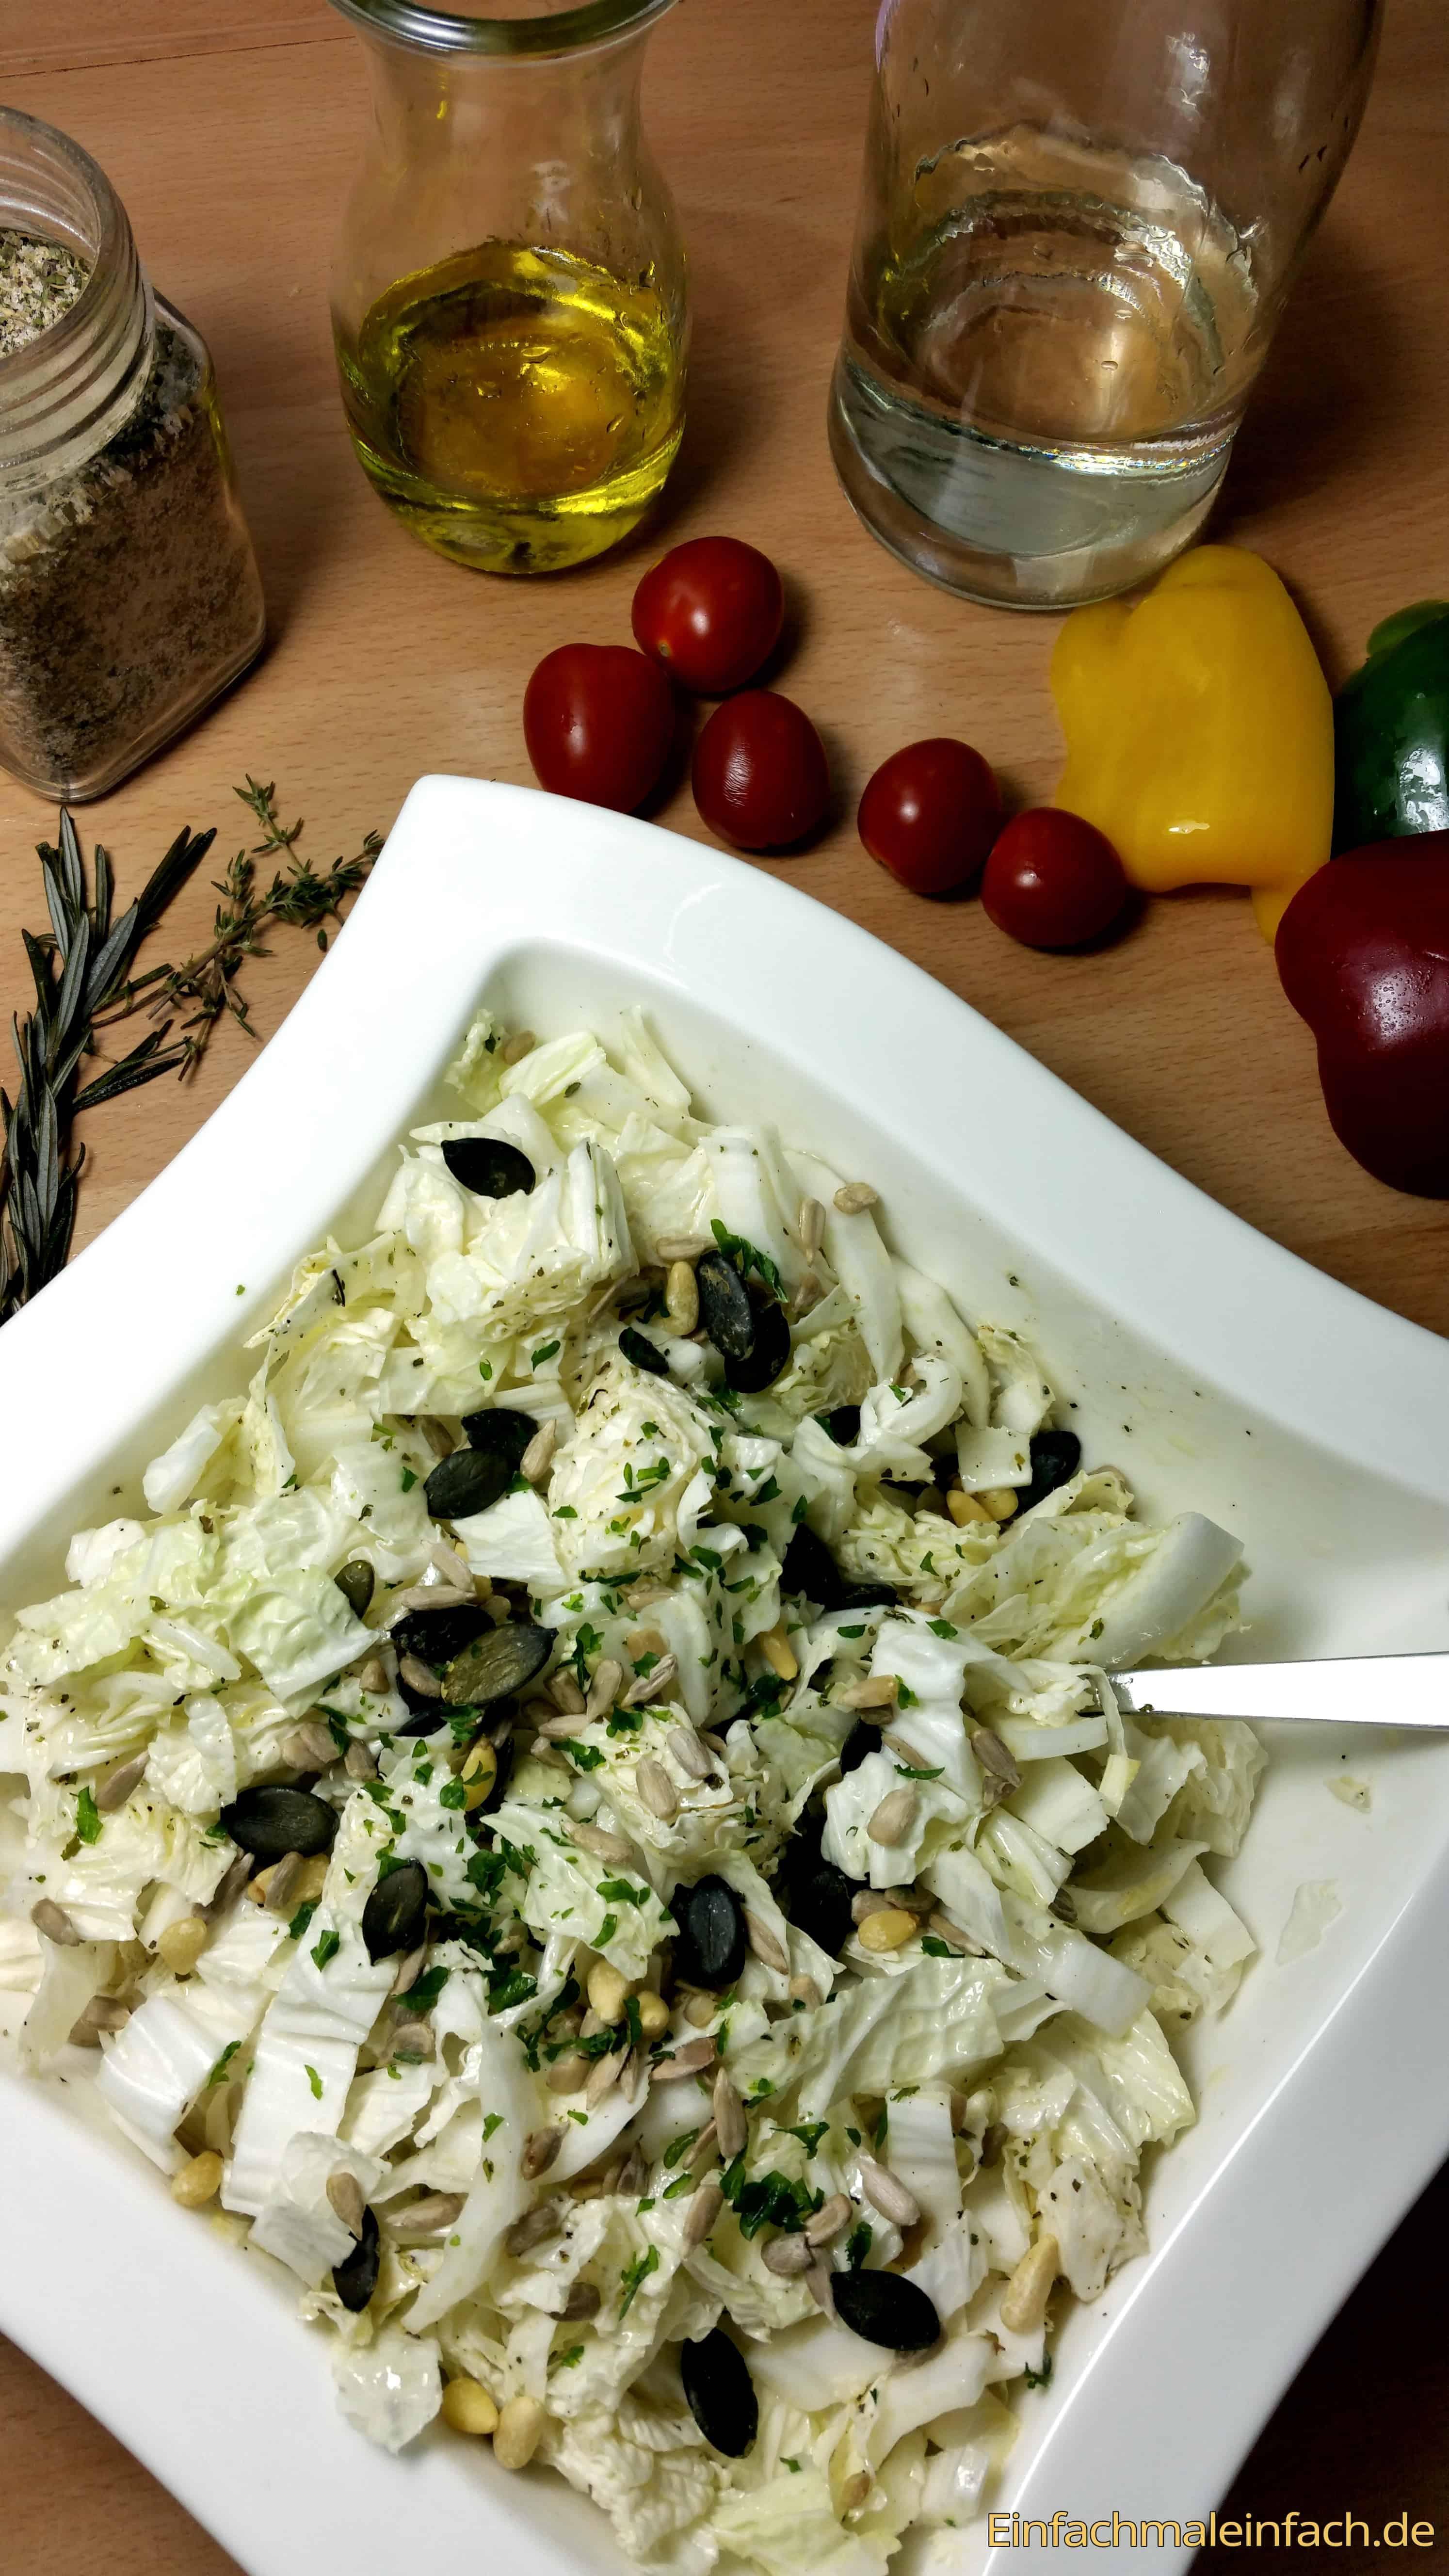 Italienische-gewürzmischung-fix-für-salat-italienische kräuter-selbst-gemacht-dip-dressing-salat-schnellster-chinakohl4